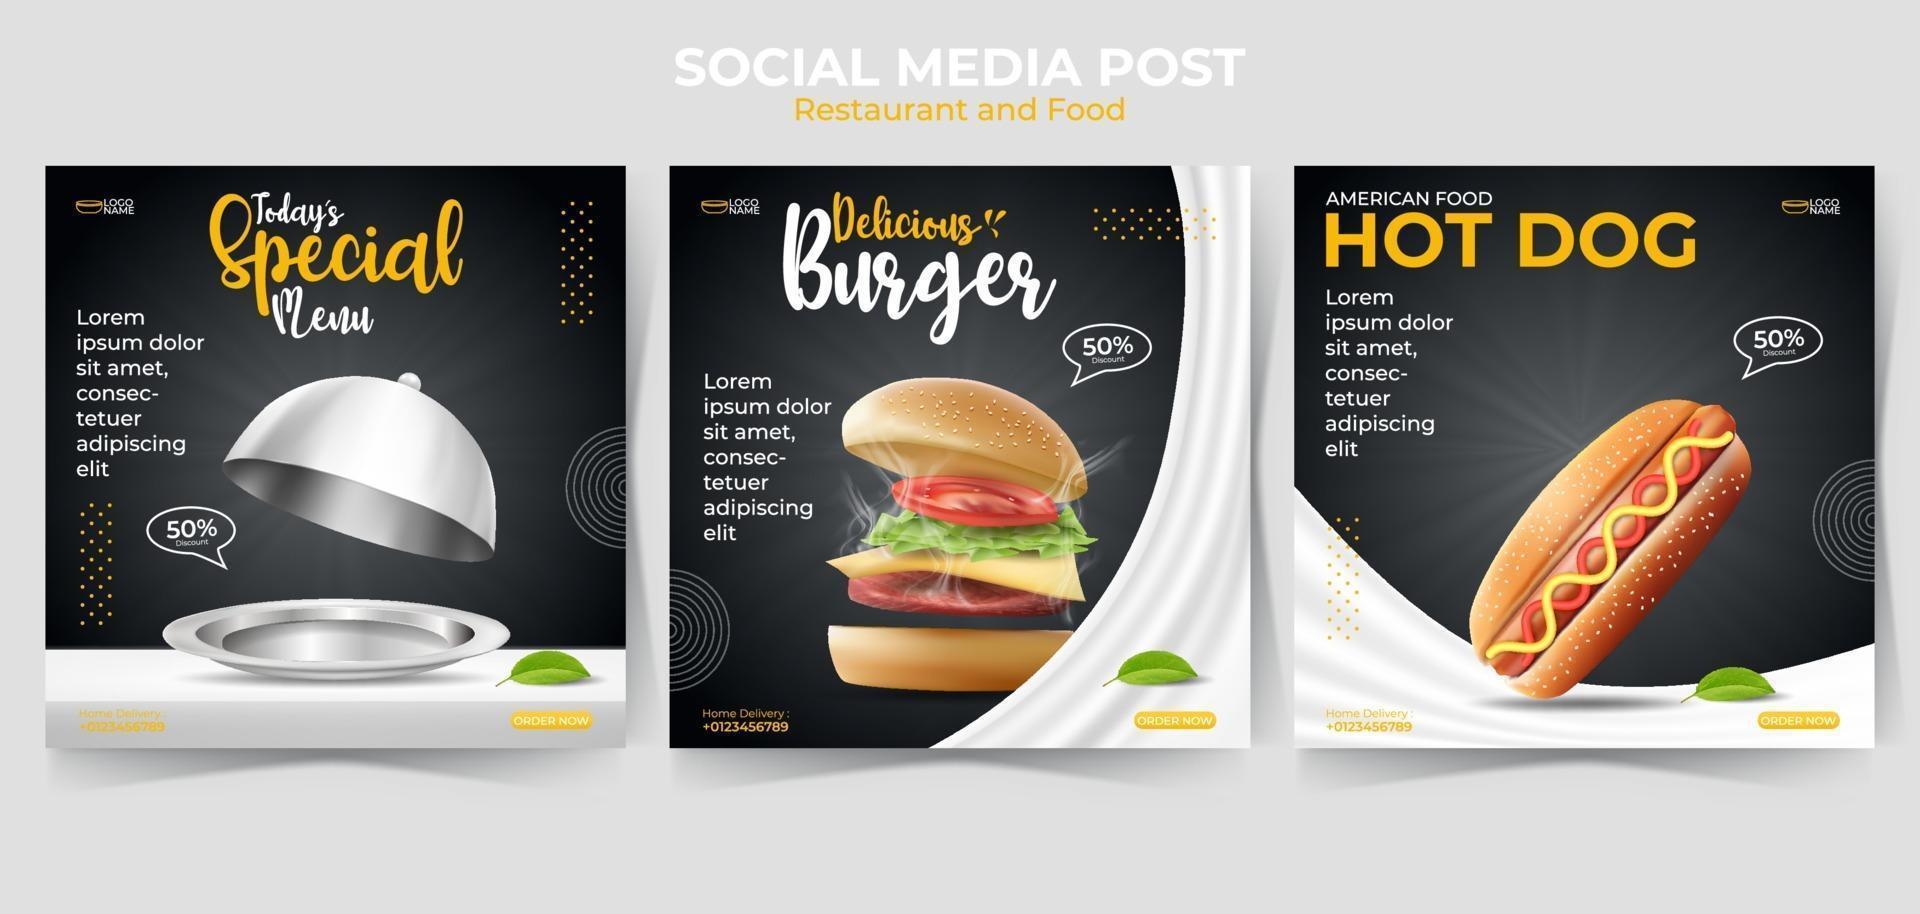 conjunto de modelo de banner quadrado mínimo editável. postagem de comida ou culinária nas redes sociais e anúncios na Internet na web. ilustração vetorial com hambúrguer realista, cachorro-quente. vetor